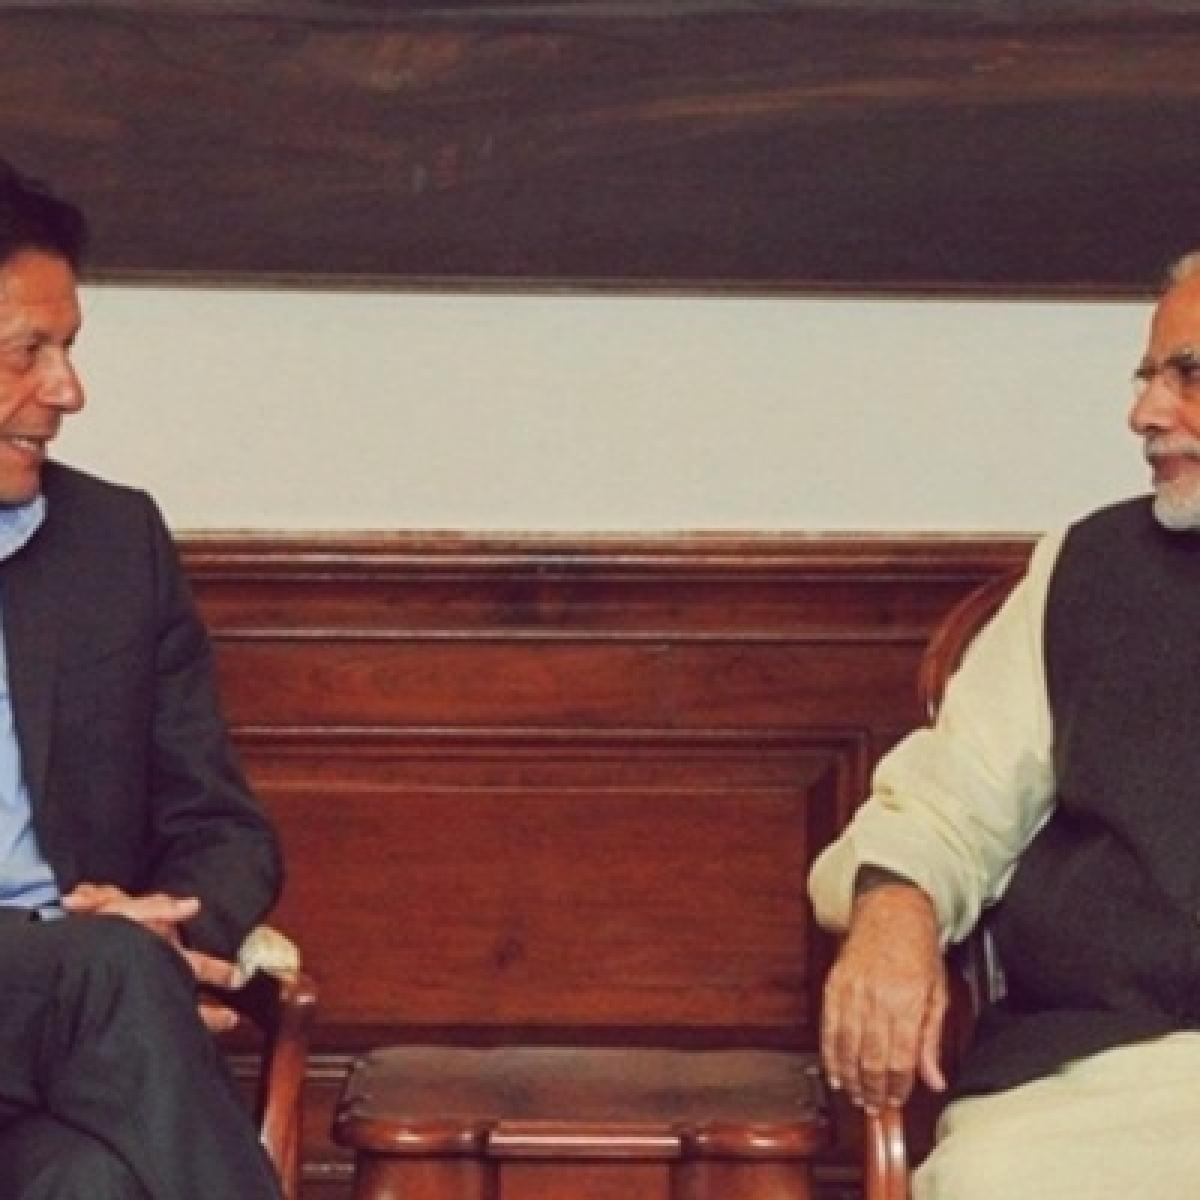 Pakistan PM Imran Khan waives 2 days' fee for Kartarpur pilgrims